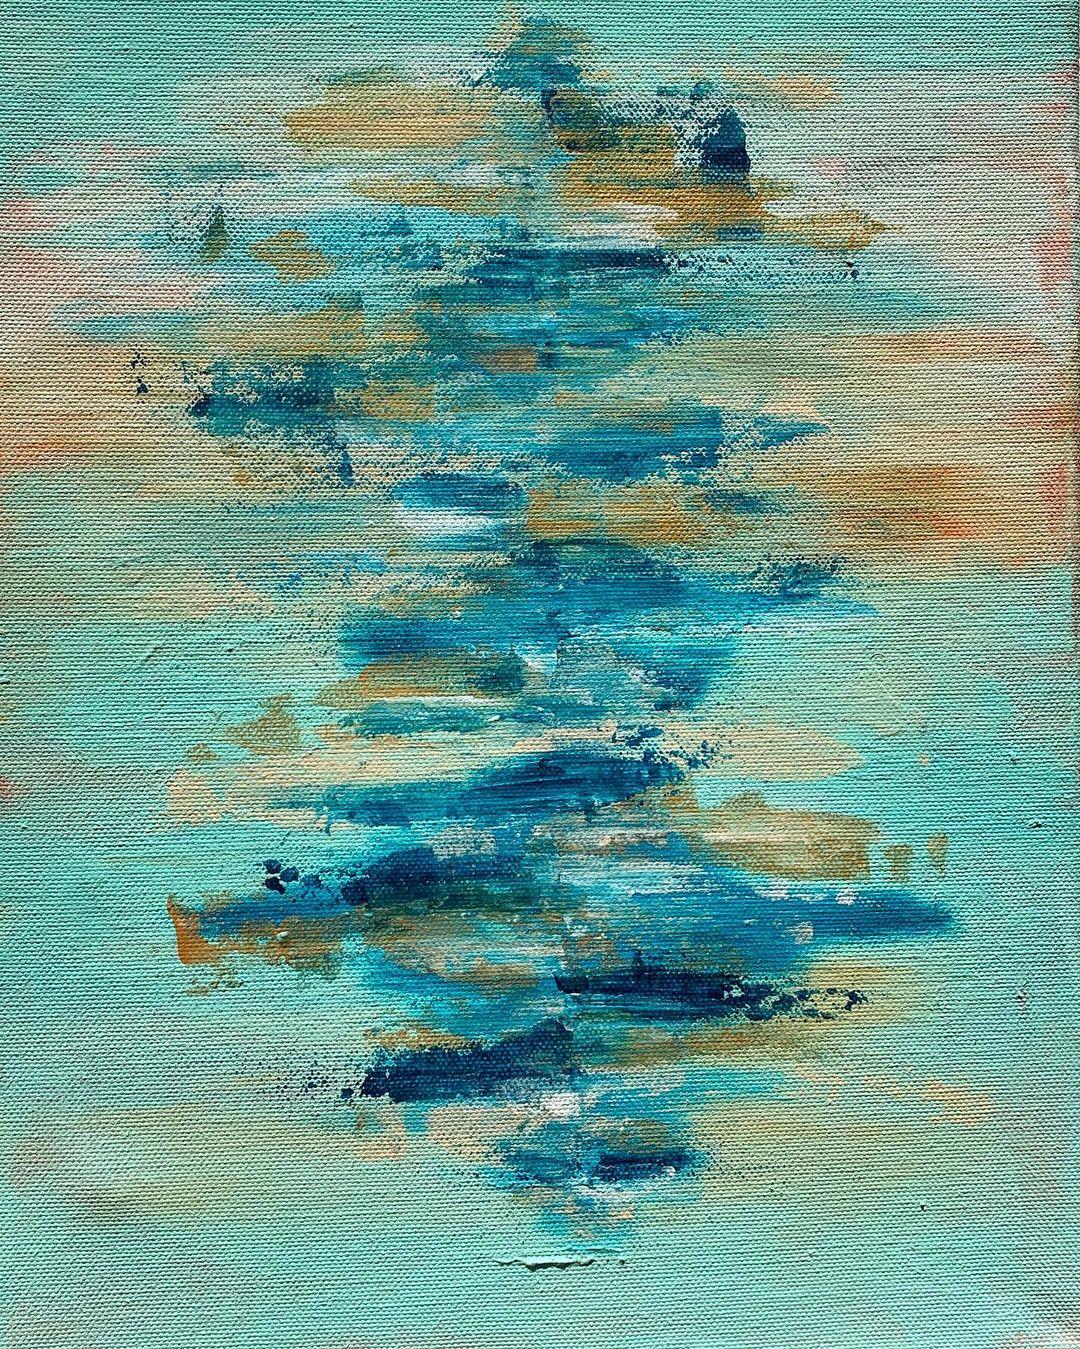 Abstract Sea no. 7